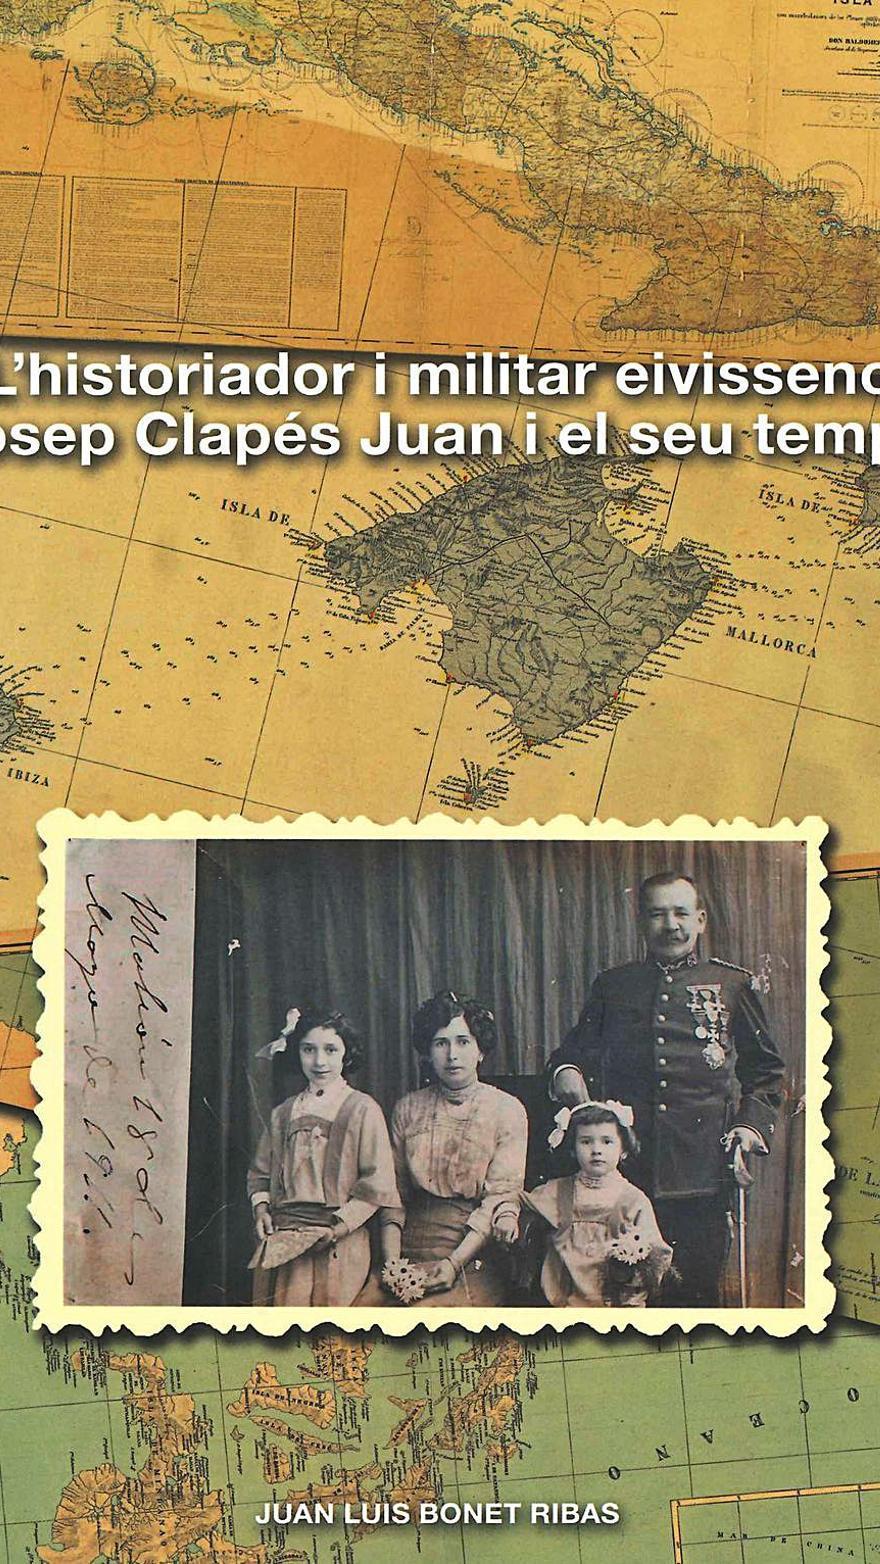 El militar, historiador i poeta Josep Clapés